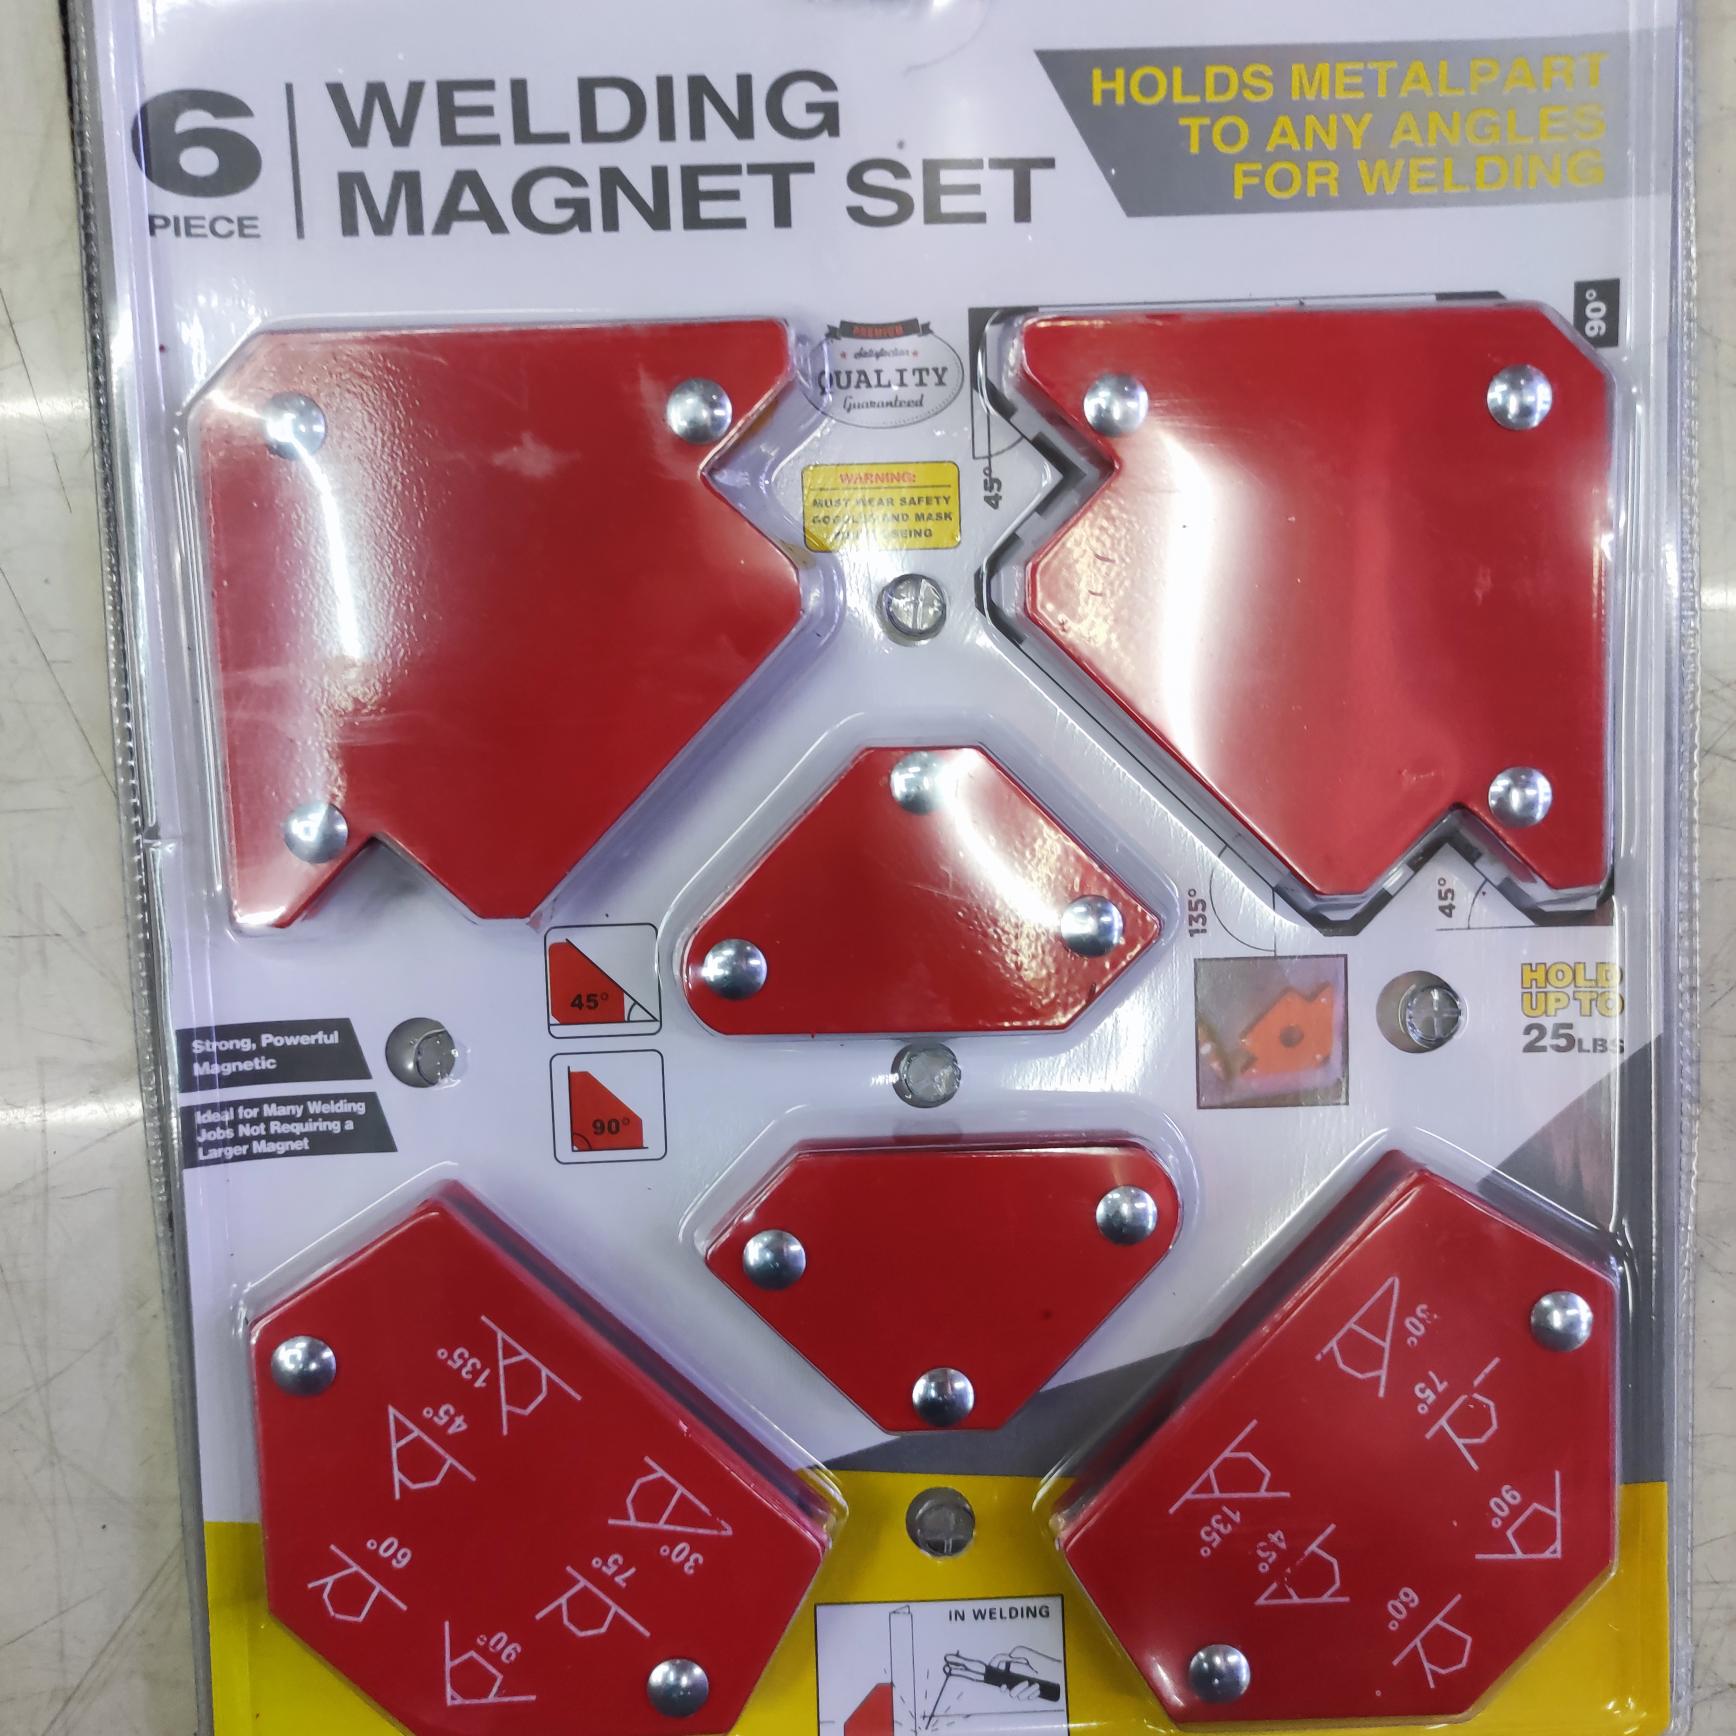 焊接角度定位器电焊磁铁强磁吸铁神器直角固定器磁性焊工辅助工具